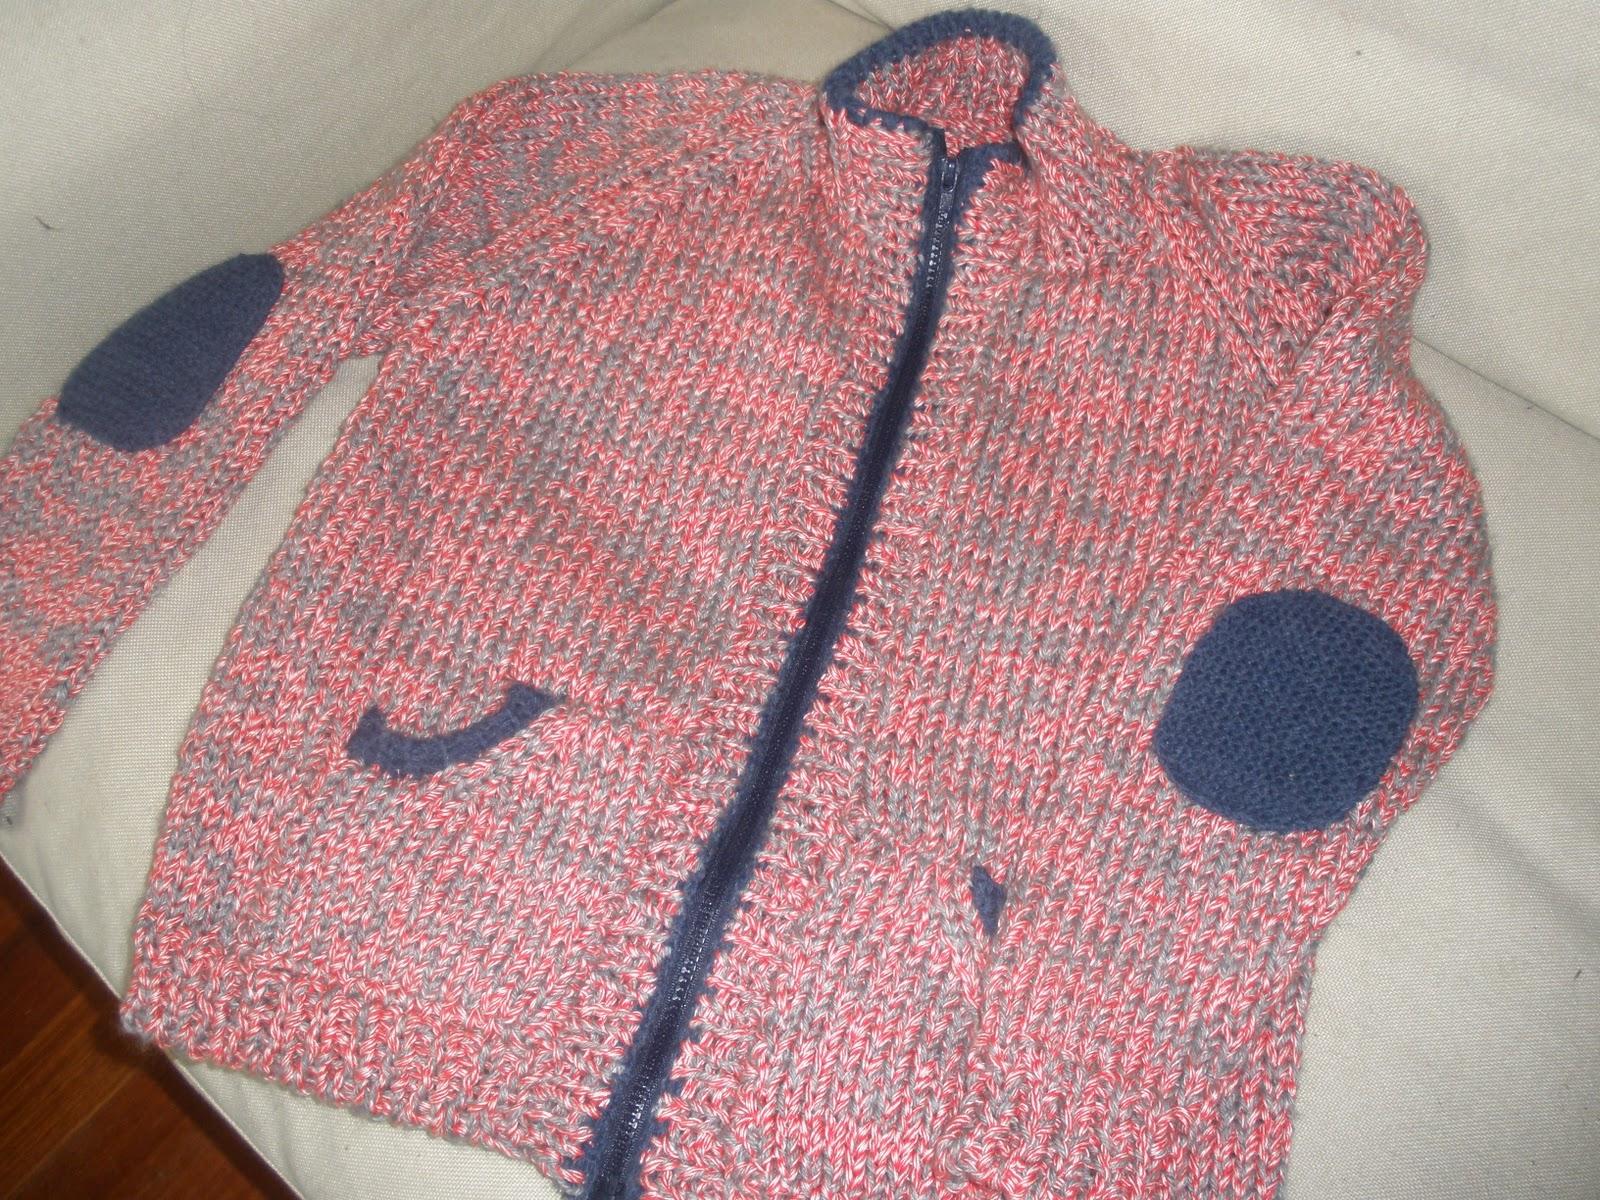 El bosque de lana para los ni os con sus nombres con Artesania gallega regalos